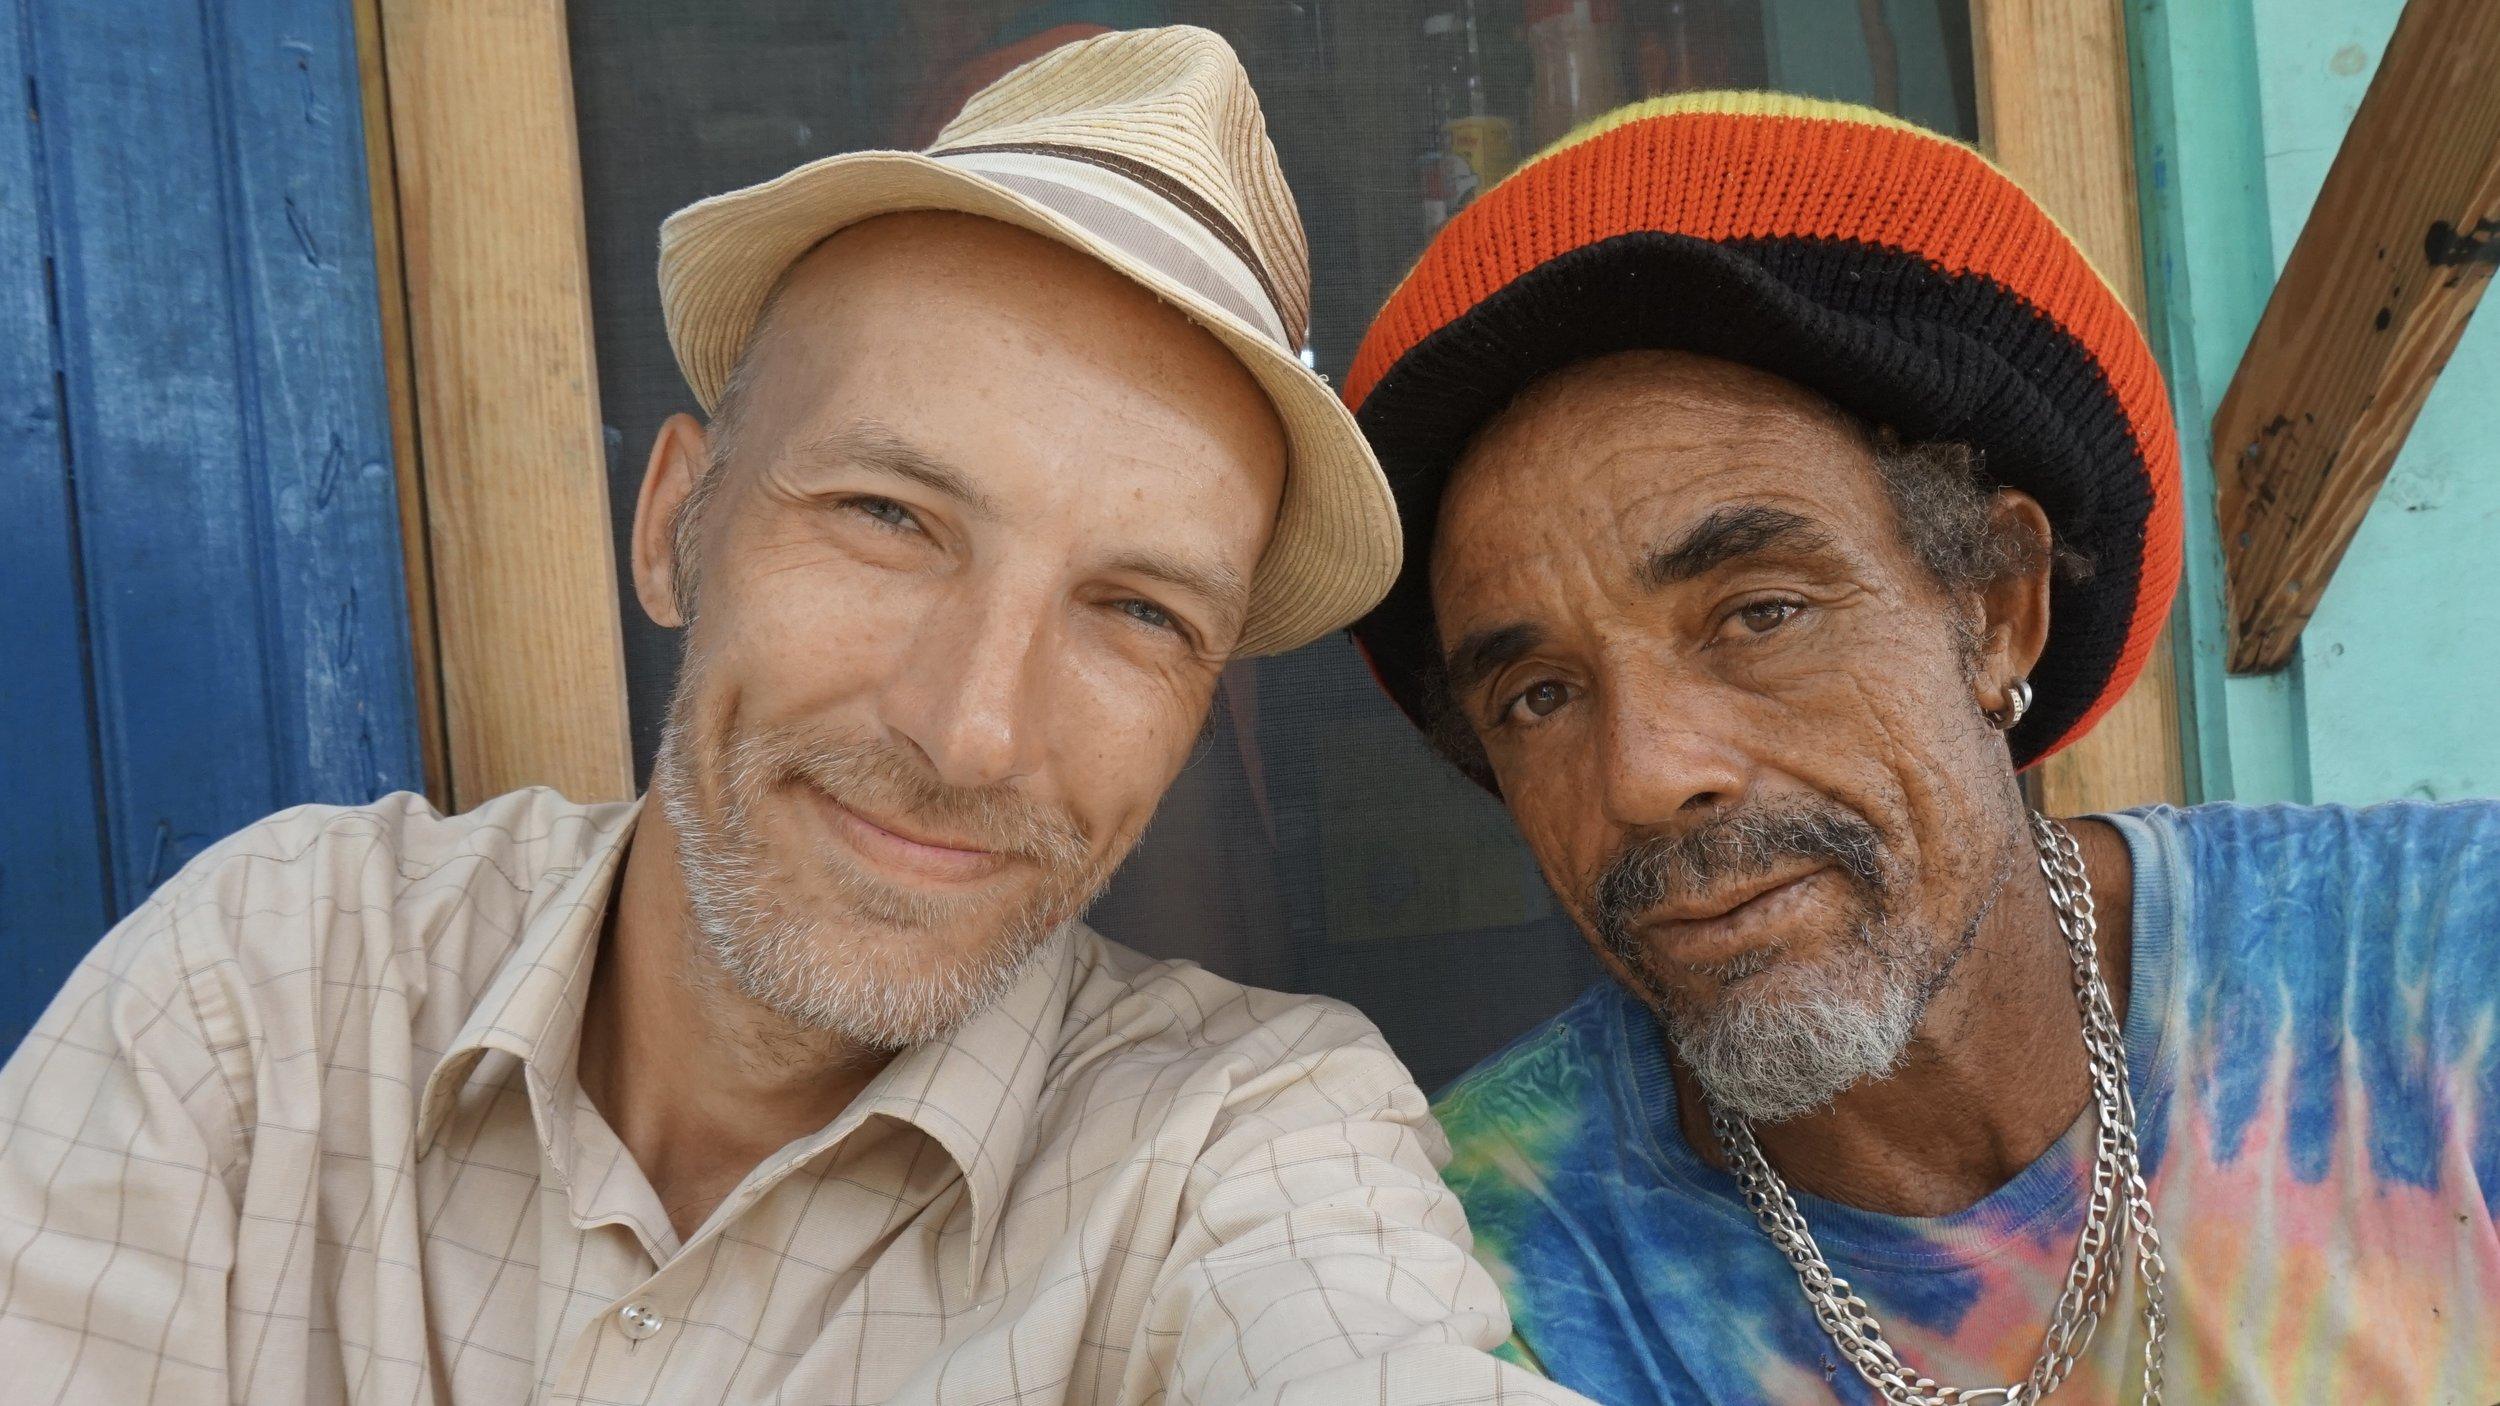 Reisijuht Tarrvi koos hea sõbra Eggie'ga tema rannarestoranis. Foto: Tarrvi Laamann